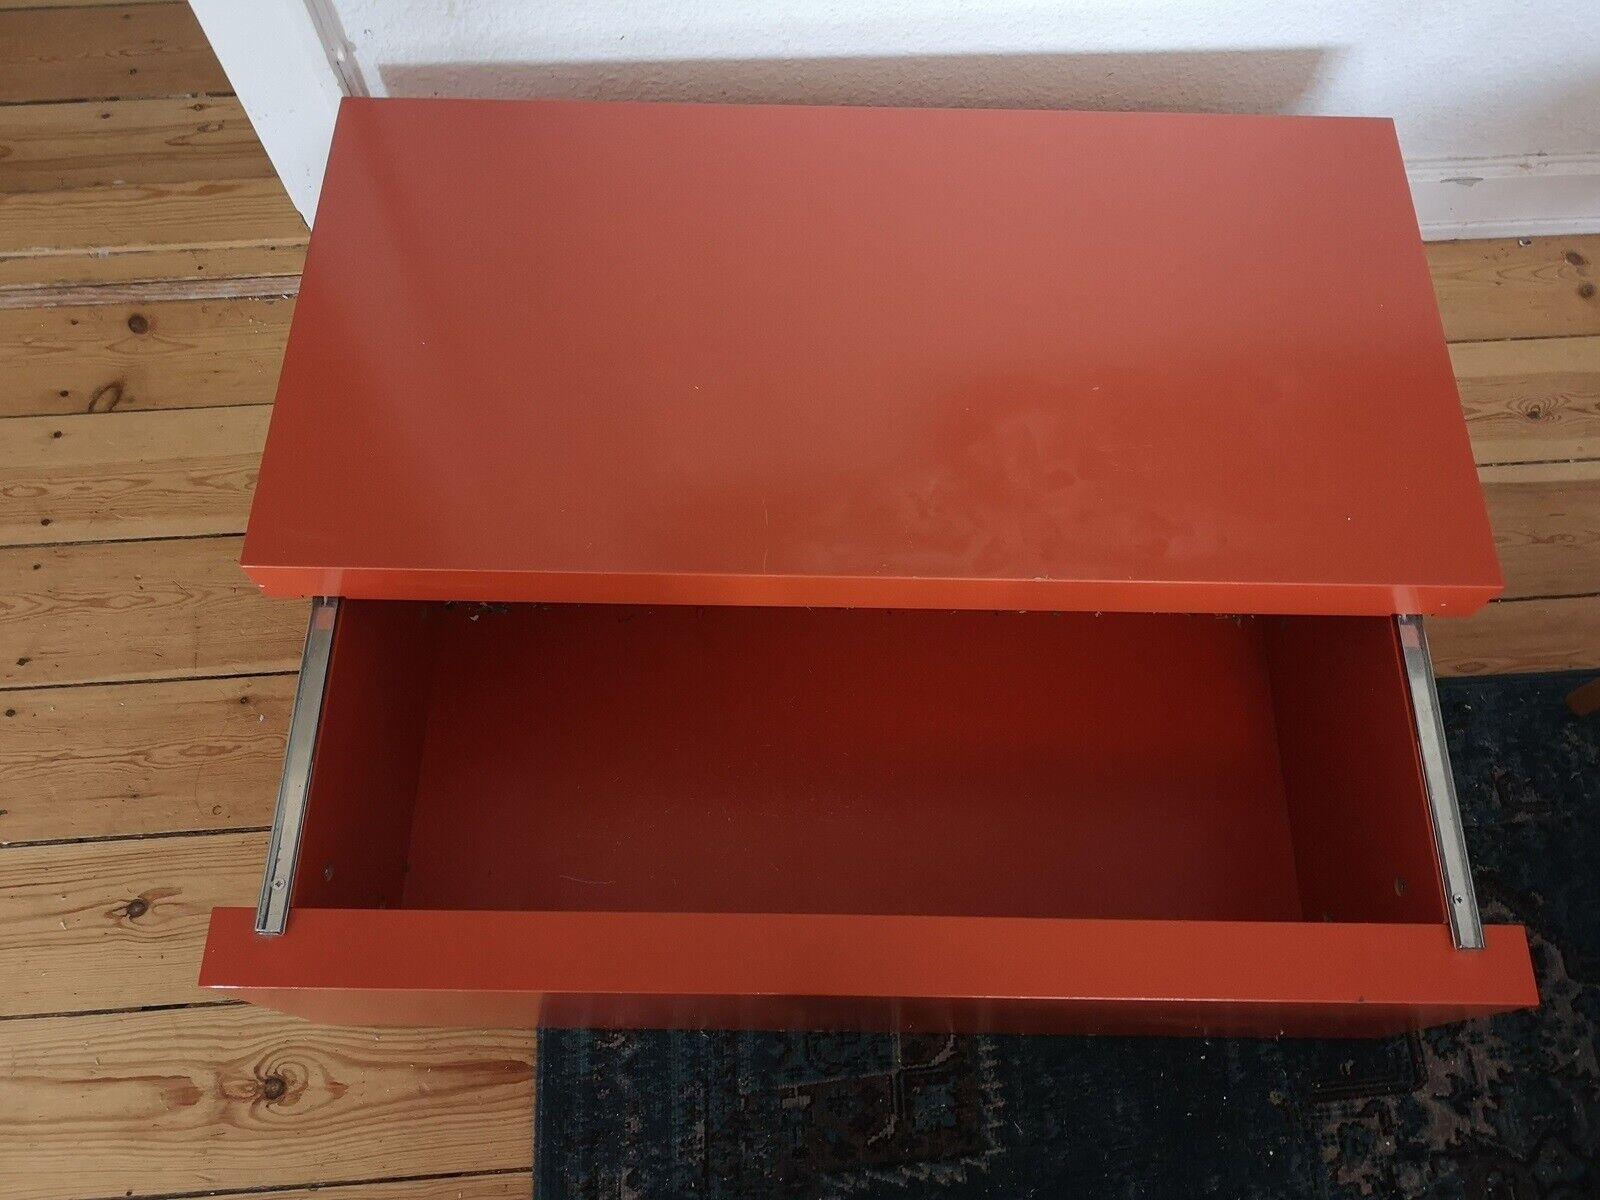 Picture of: Ikea Malm Opbevaring Ikea Ndash Dba Dk Ndash Kob Og Salg Af Nyt Og Brugt